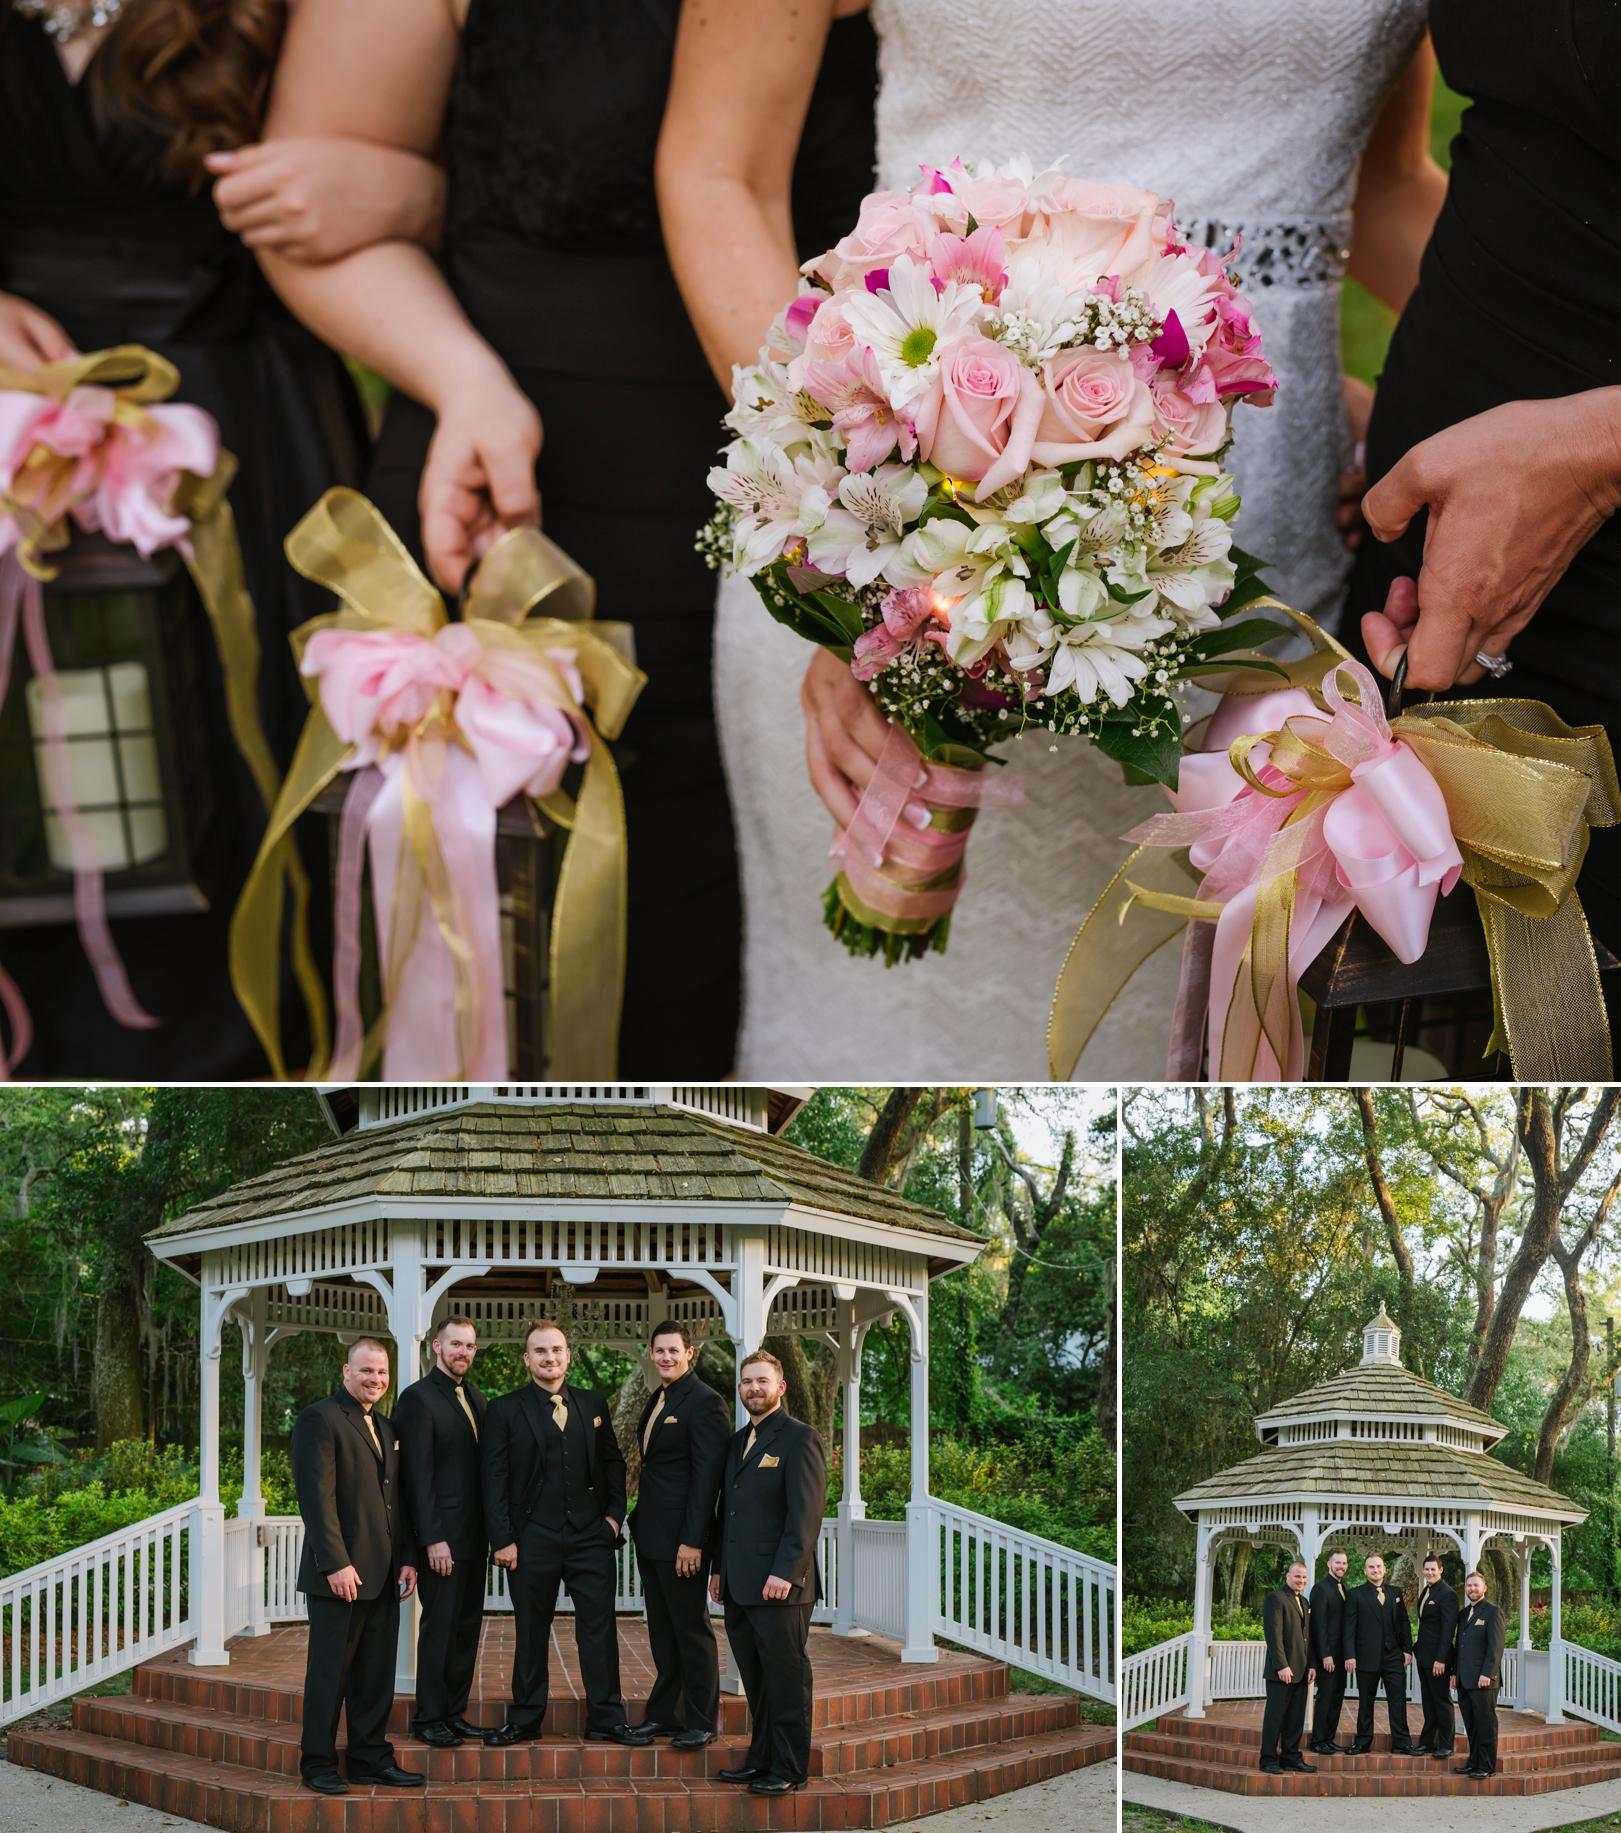 ashlee-hamon-photography-tampa-rustic-outdoor-traditional-wedding_0010.jpg